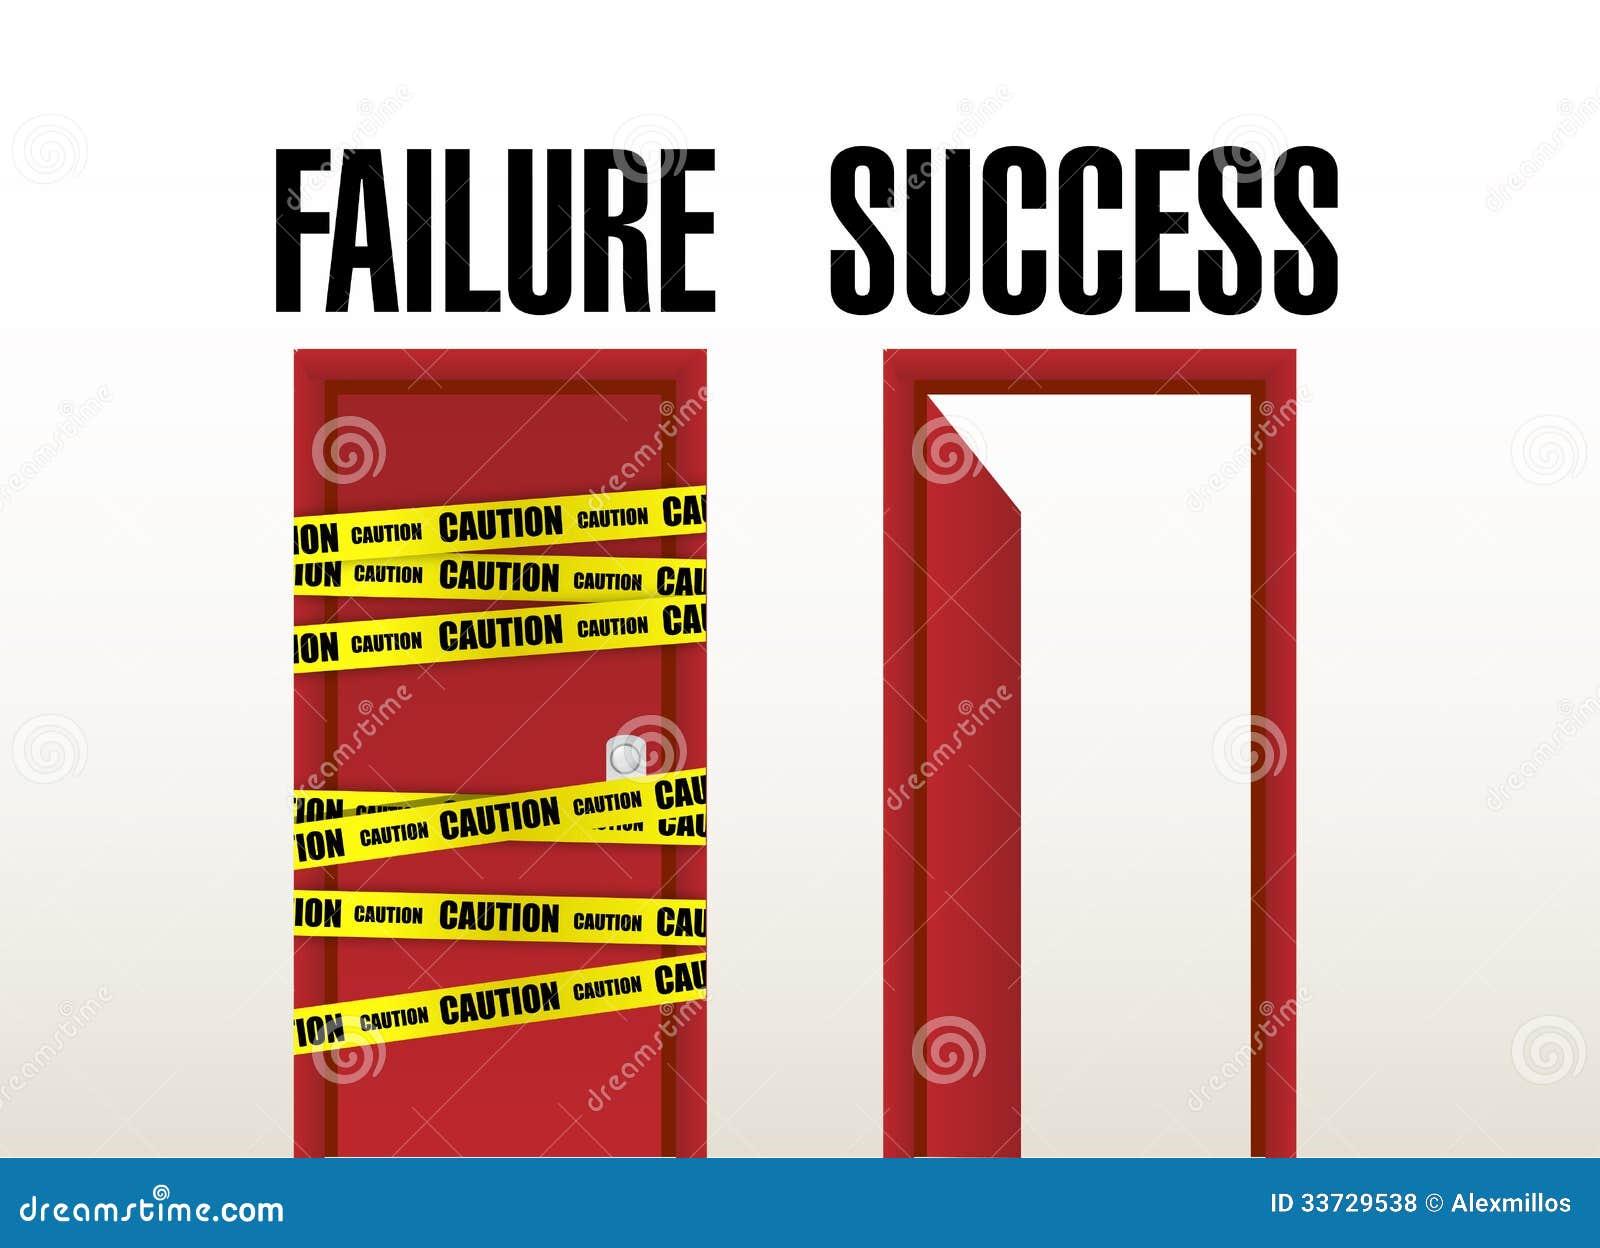 Двери отказа и успеха. дизайн иллюстрации